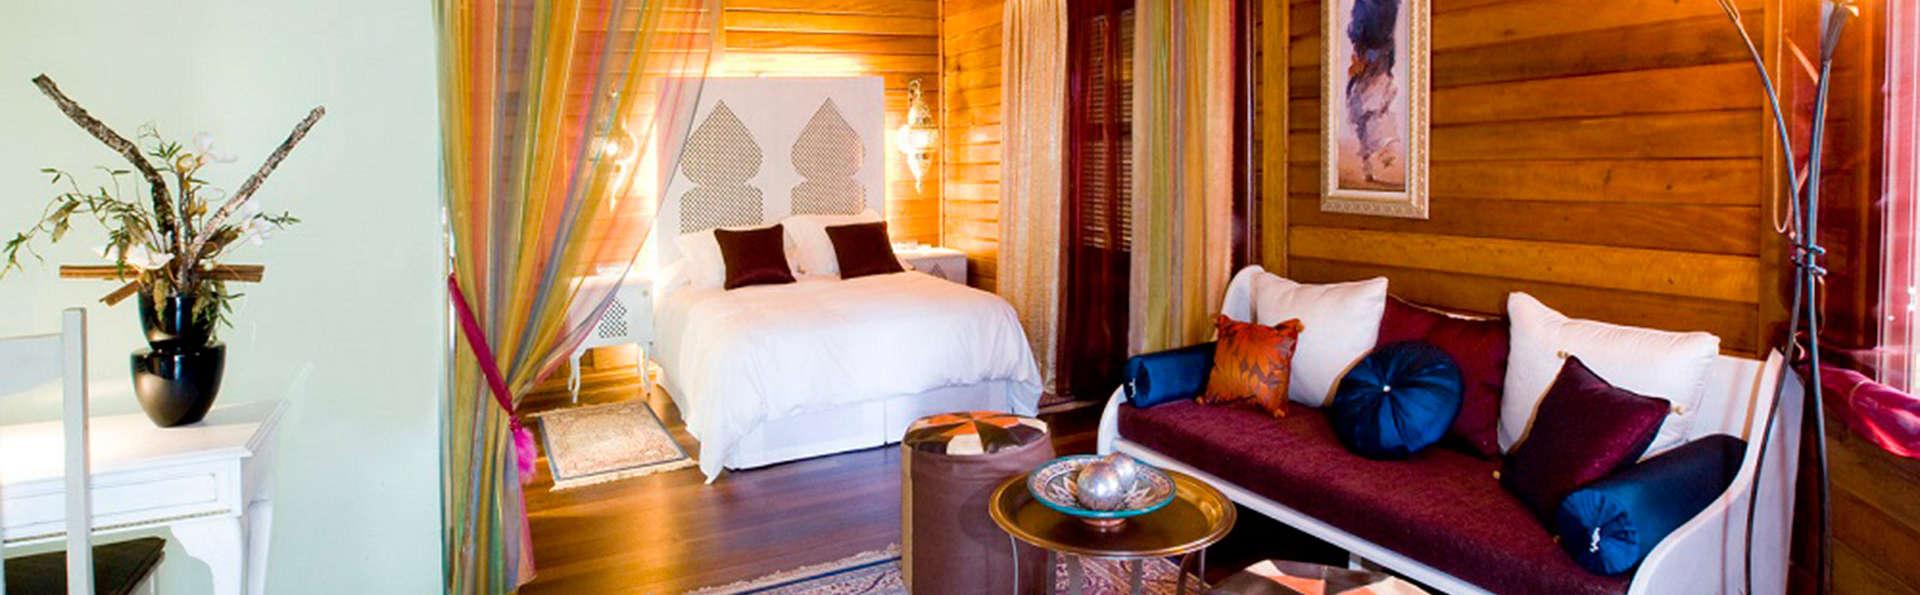 Escapade romantique dans un bungalow près de Madrid